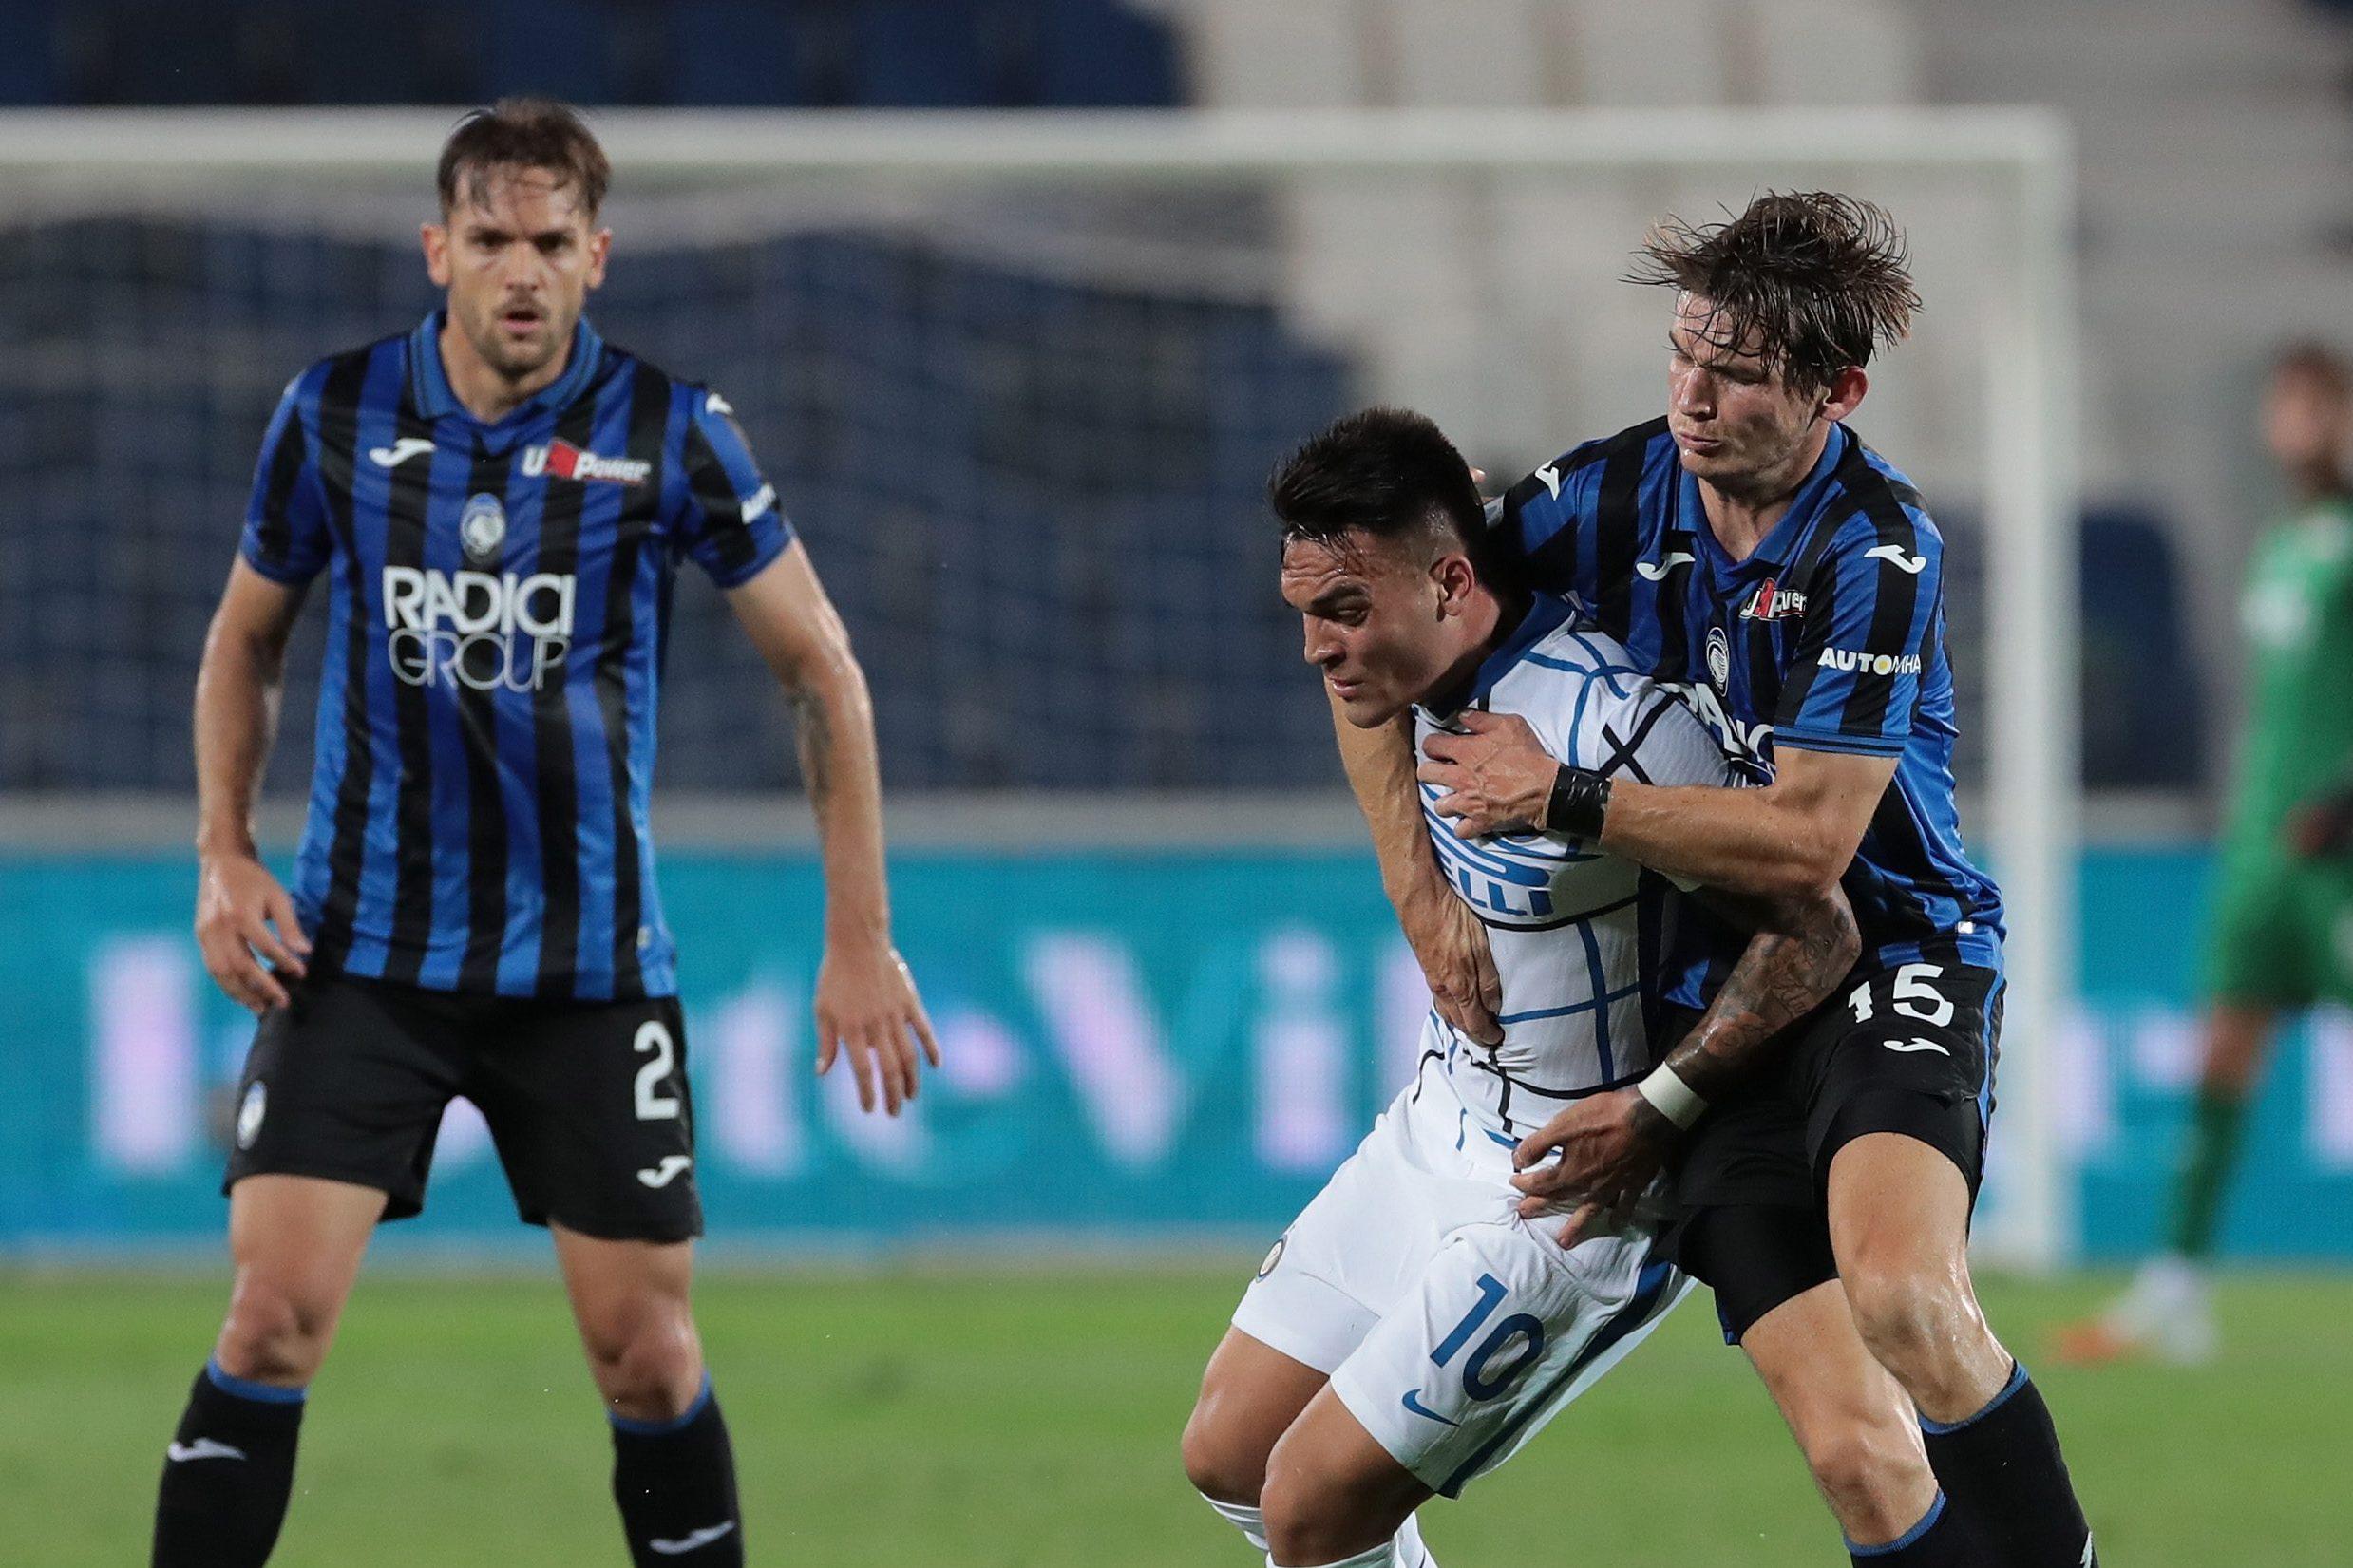 Serie A Inter E Atalanta Non Giocheranno La 1a Giornata Nel Weekend Del 20 Settembre